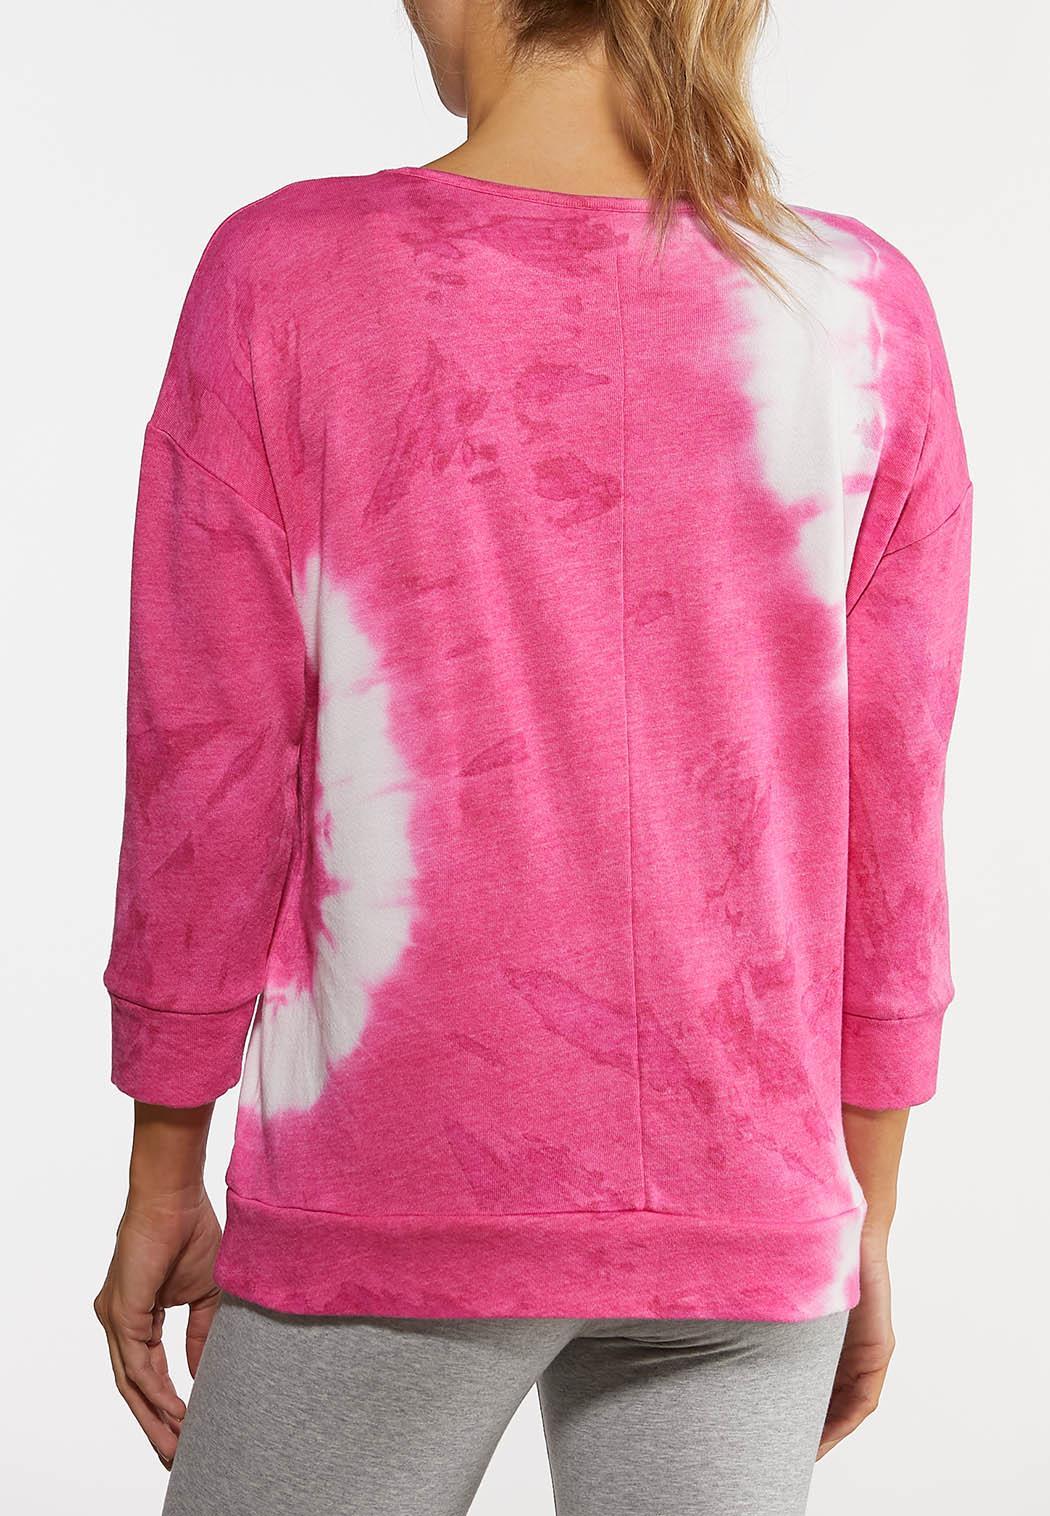 Pink Tie Dye Sweatshirt (Item #44183474)